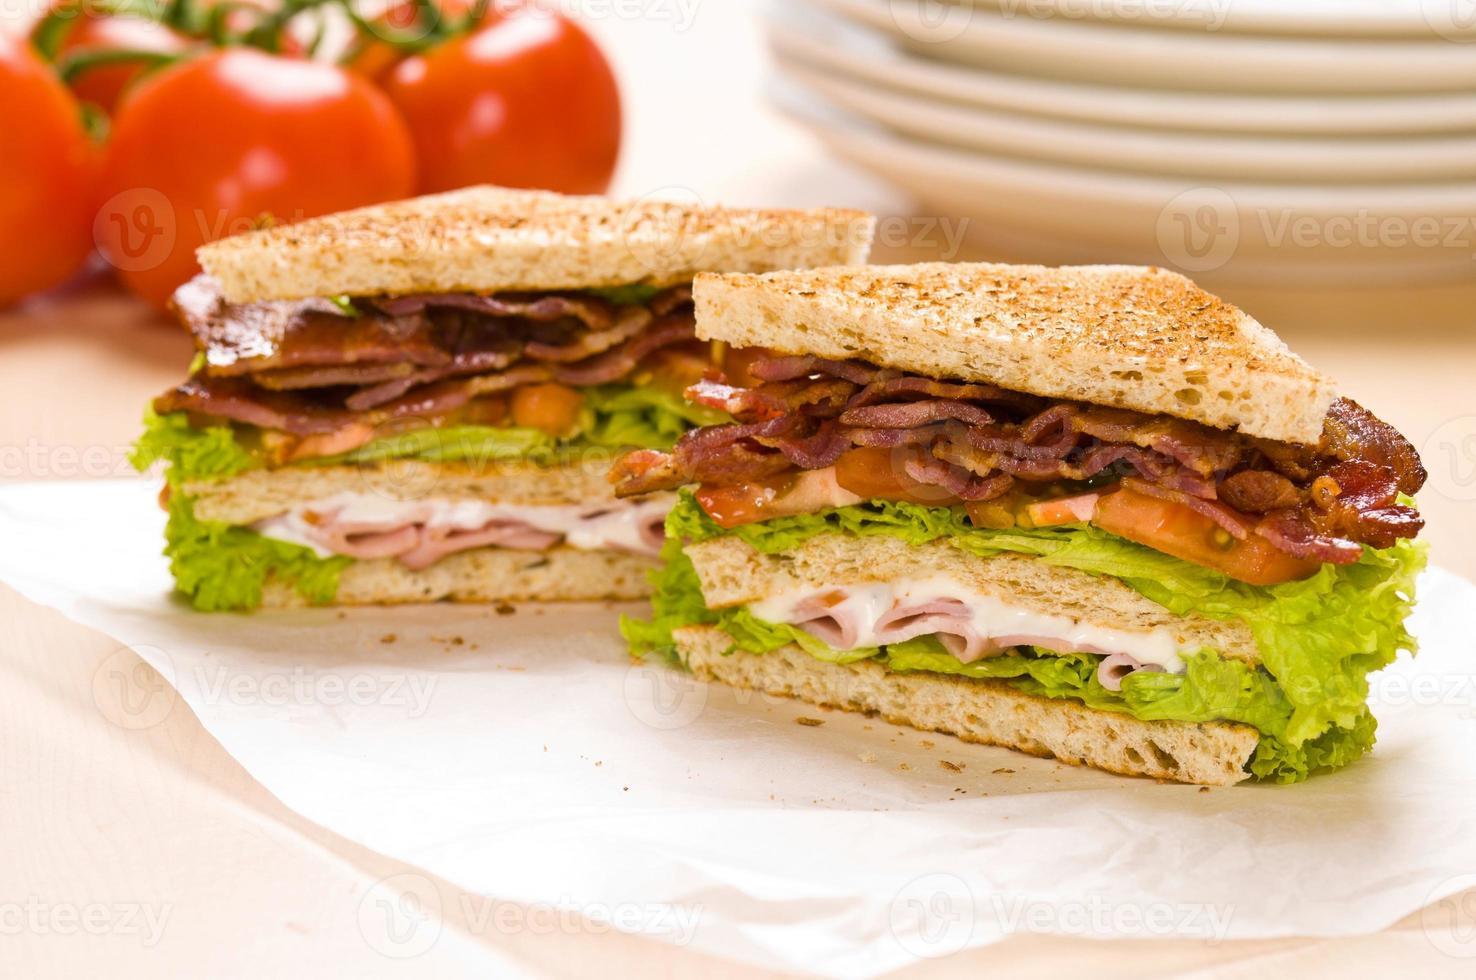 Zwei Sandwich auf Packpapier Hintergrund hat Tomaten foto